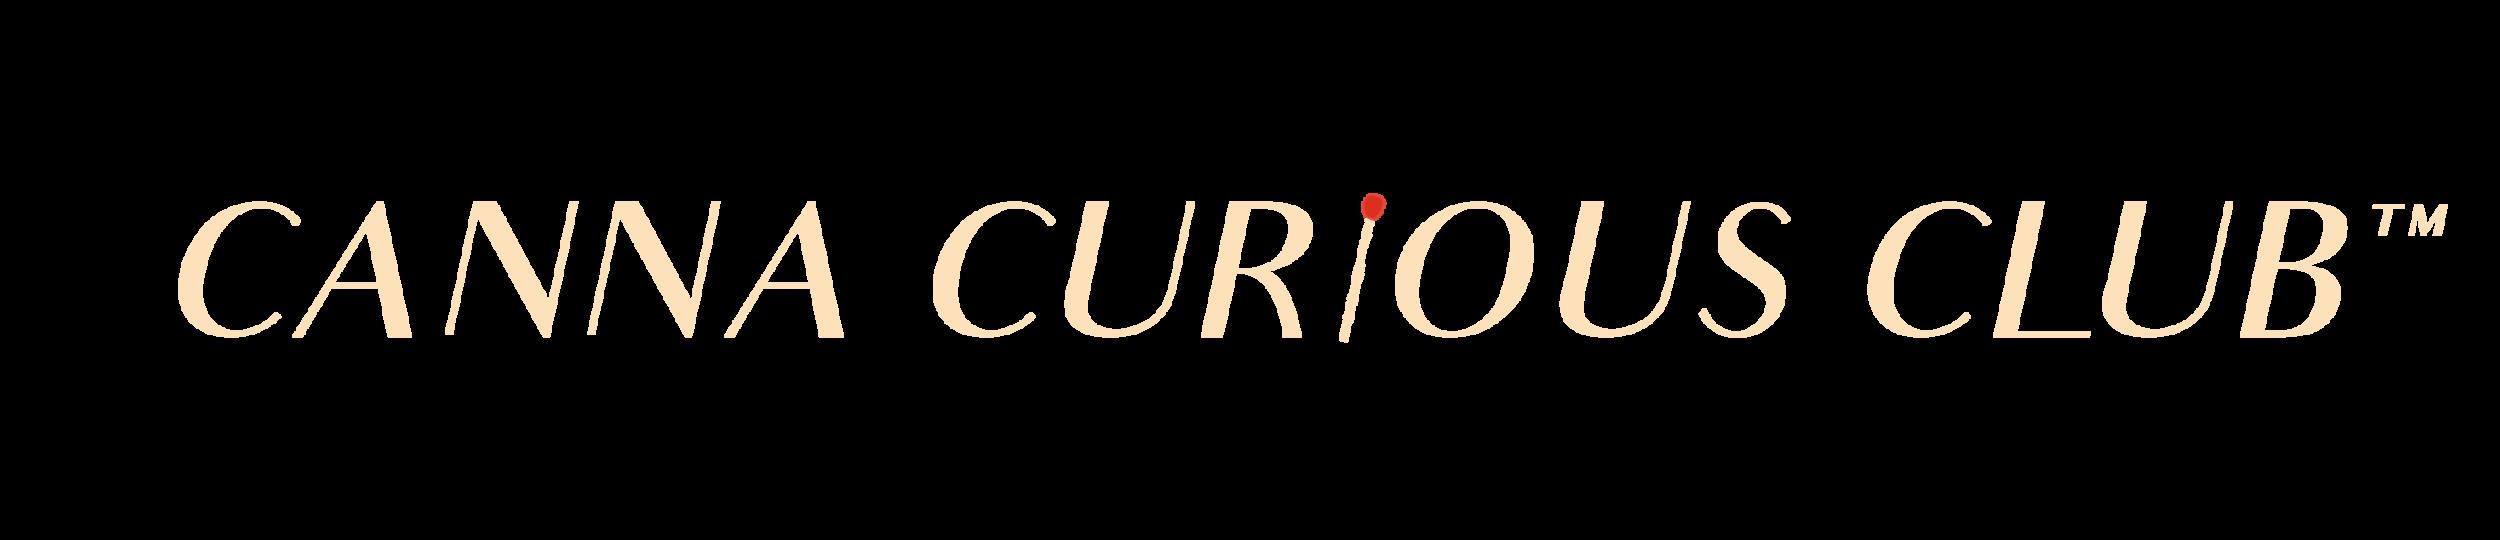 Canna Curious Club Logo.png